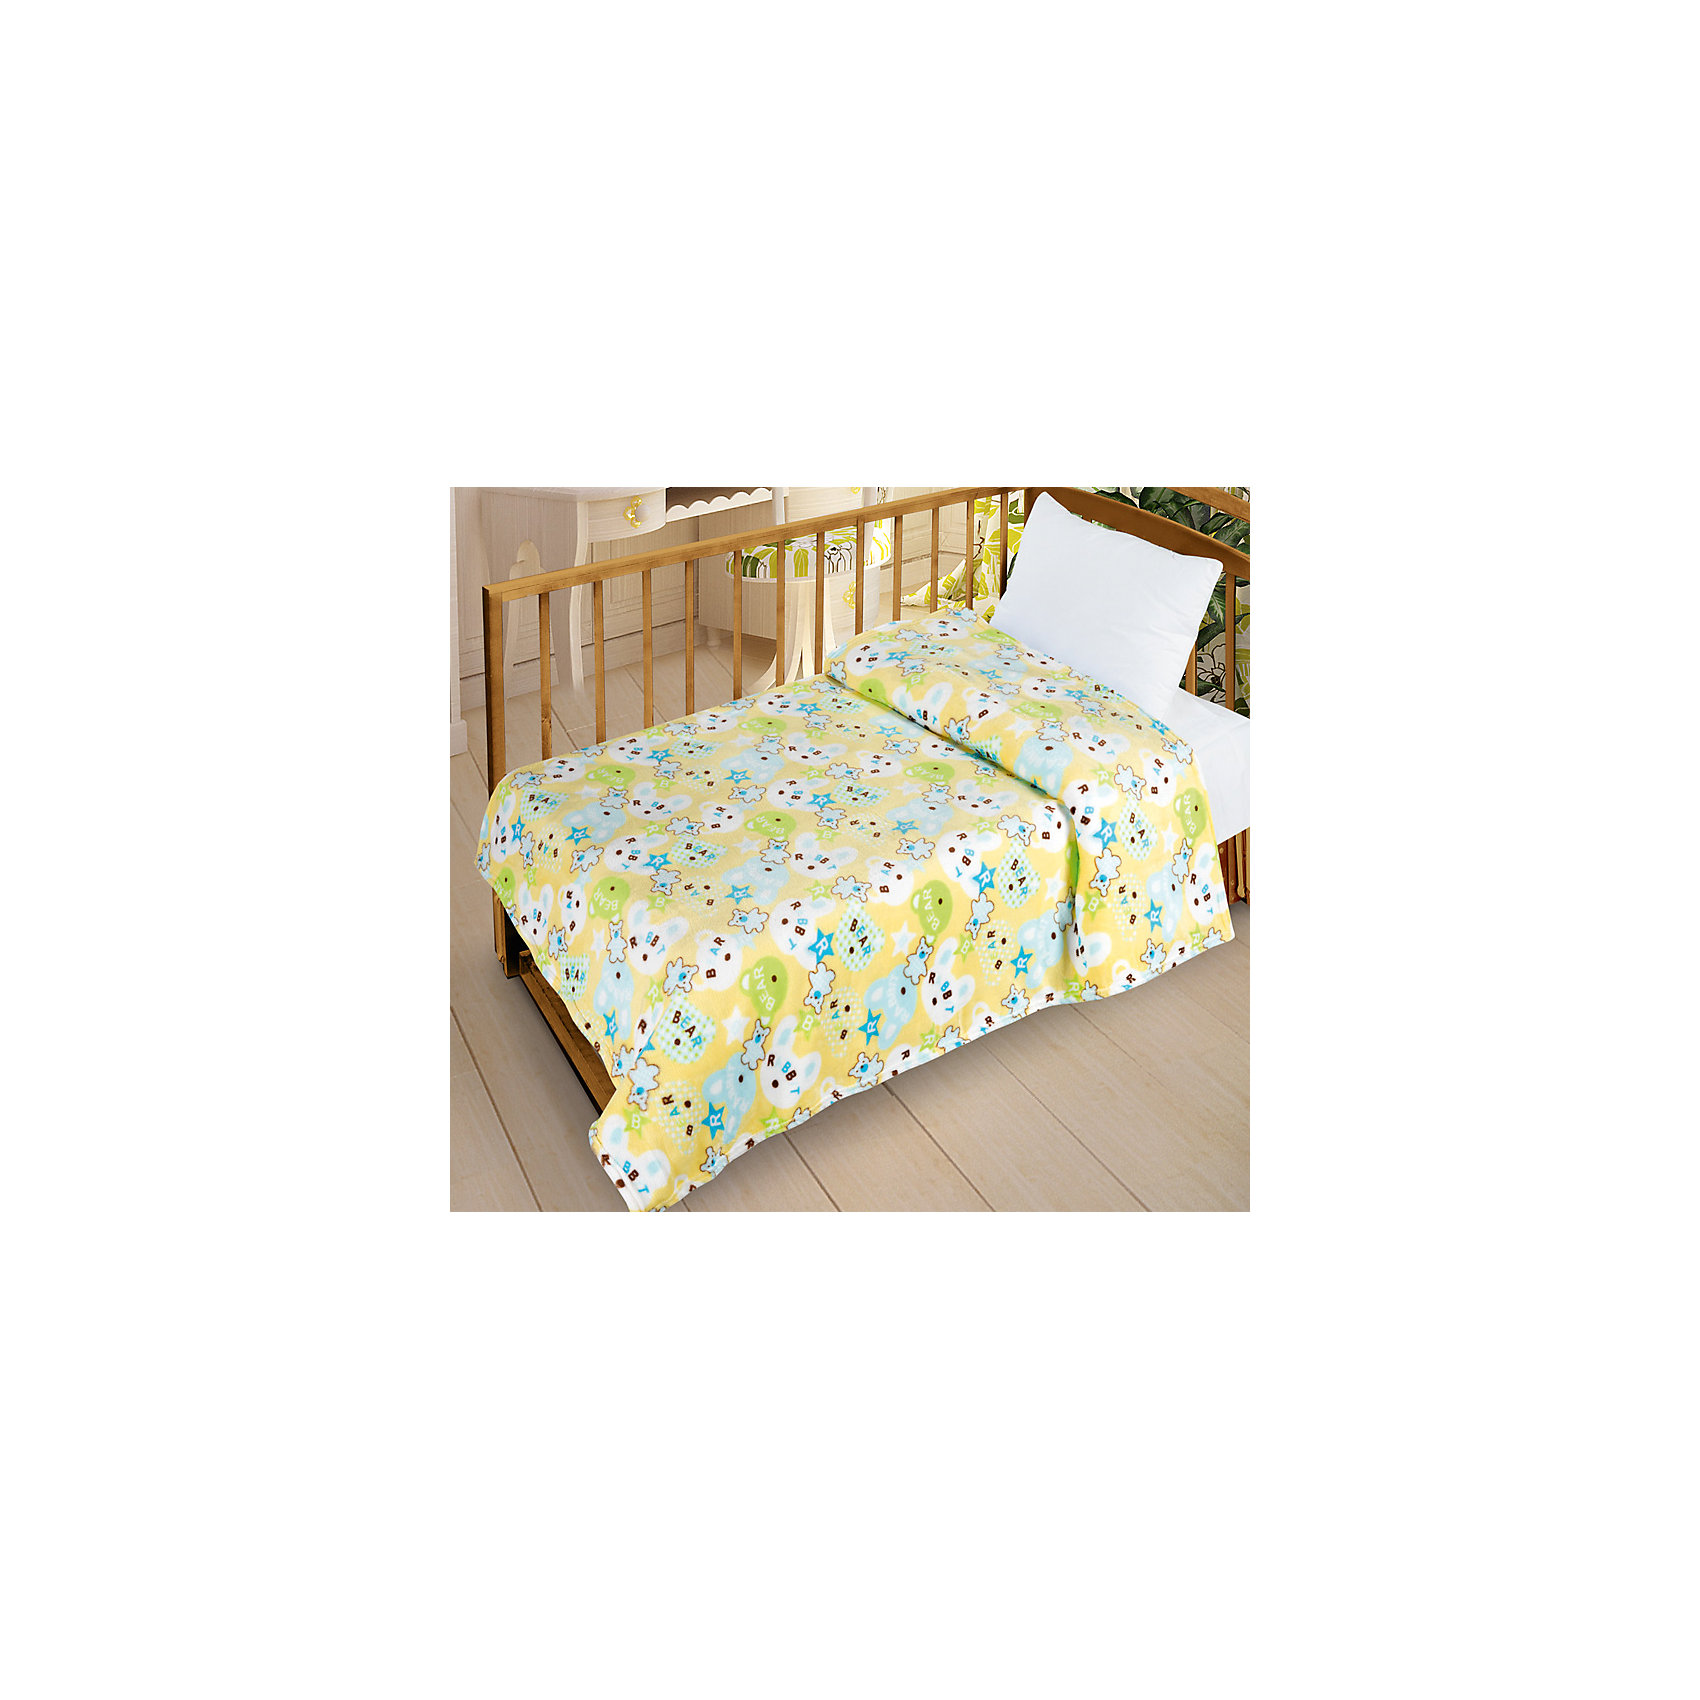 Плед  Велсофт-беби в кроватку VB09, 95х130Домашний текстиль<br>Нежнейший плед в детскую кроватку выполнен из современного материала Велсофт -  ткань напоминает на ощупь плюшевую игрушку. Материал гипоаллергенен, плед легкий и в то же время теплый. Приятна расцветка пледа создаст в детской комнате уют и приятную атмосферу. <br><br>Дополнительная информация:<br><br>Размер: 95*130 см<br><br>Плед  Велсофт-беби в кроватку VB09, 95х130 можно купить в нашем магазине.<br><br>Ширина мм: 400<br>Глубина мм: 100<br>Высота мм: 500<br>Вес г: 800<br>Возраст от месяцев: 0<br>Возраст до месяцев: 36<br>Пол: Унисекс<br>Возраст: Детский<br>SKU: 4647771